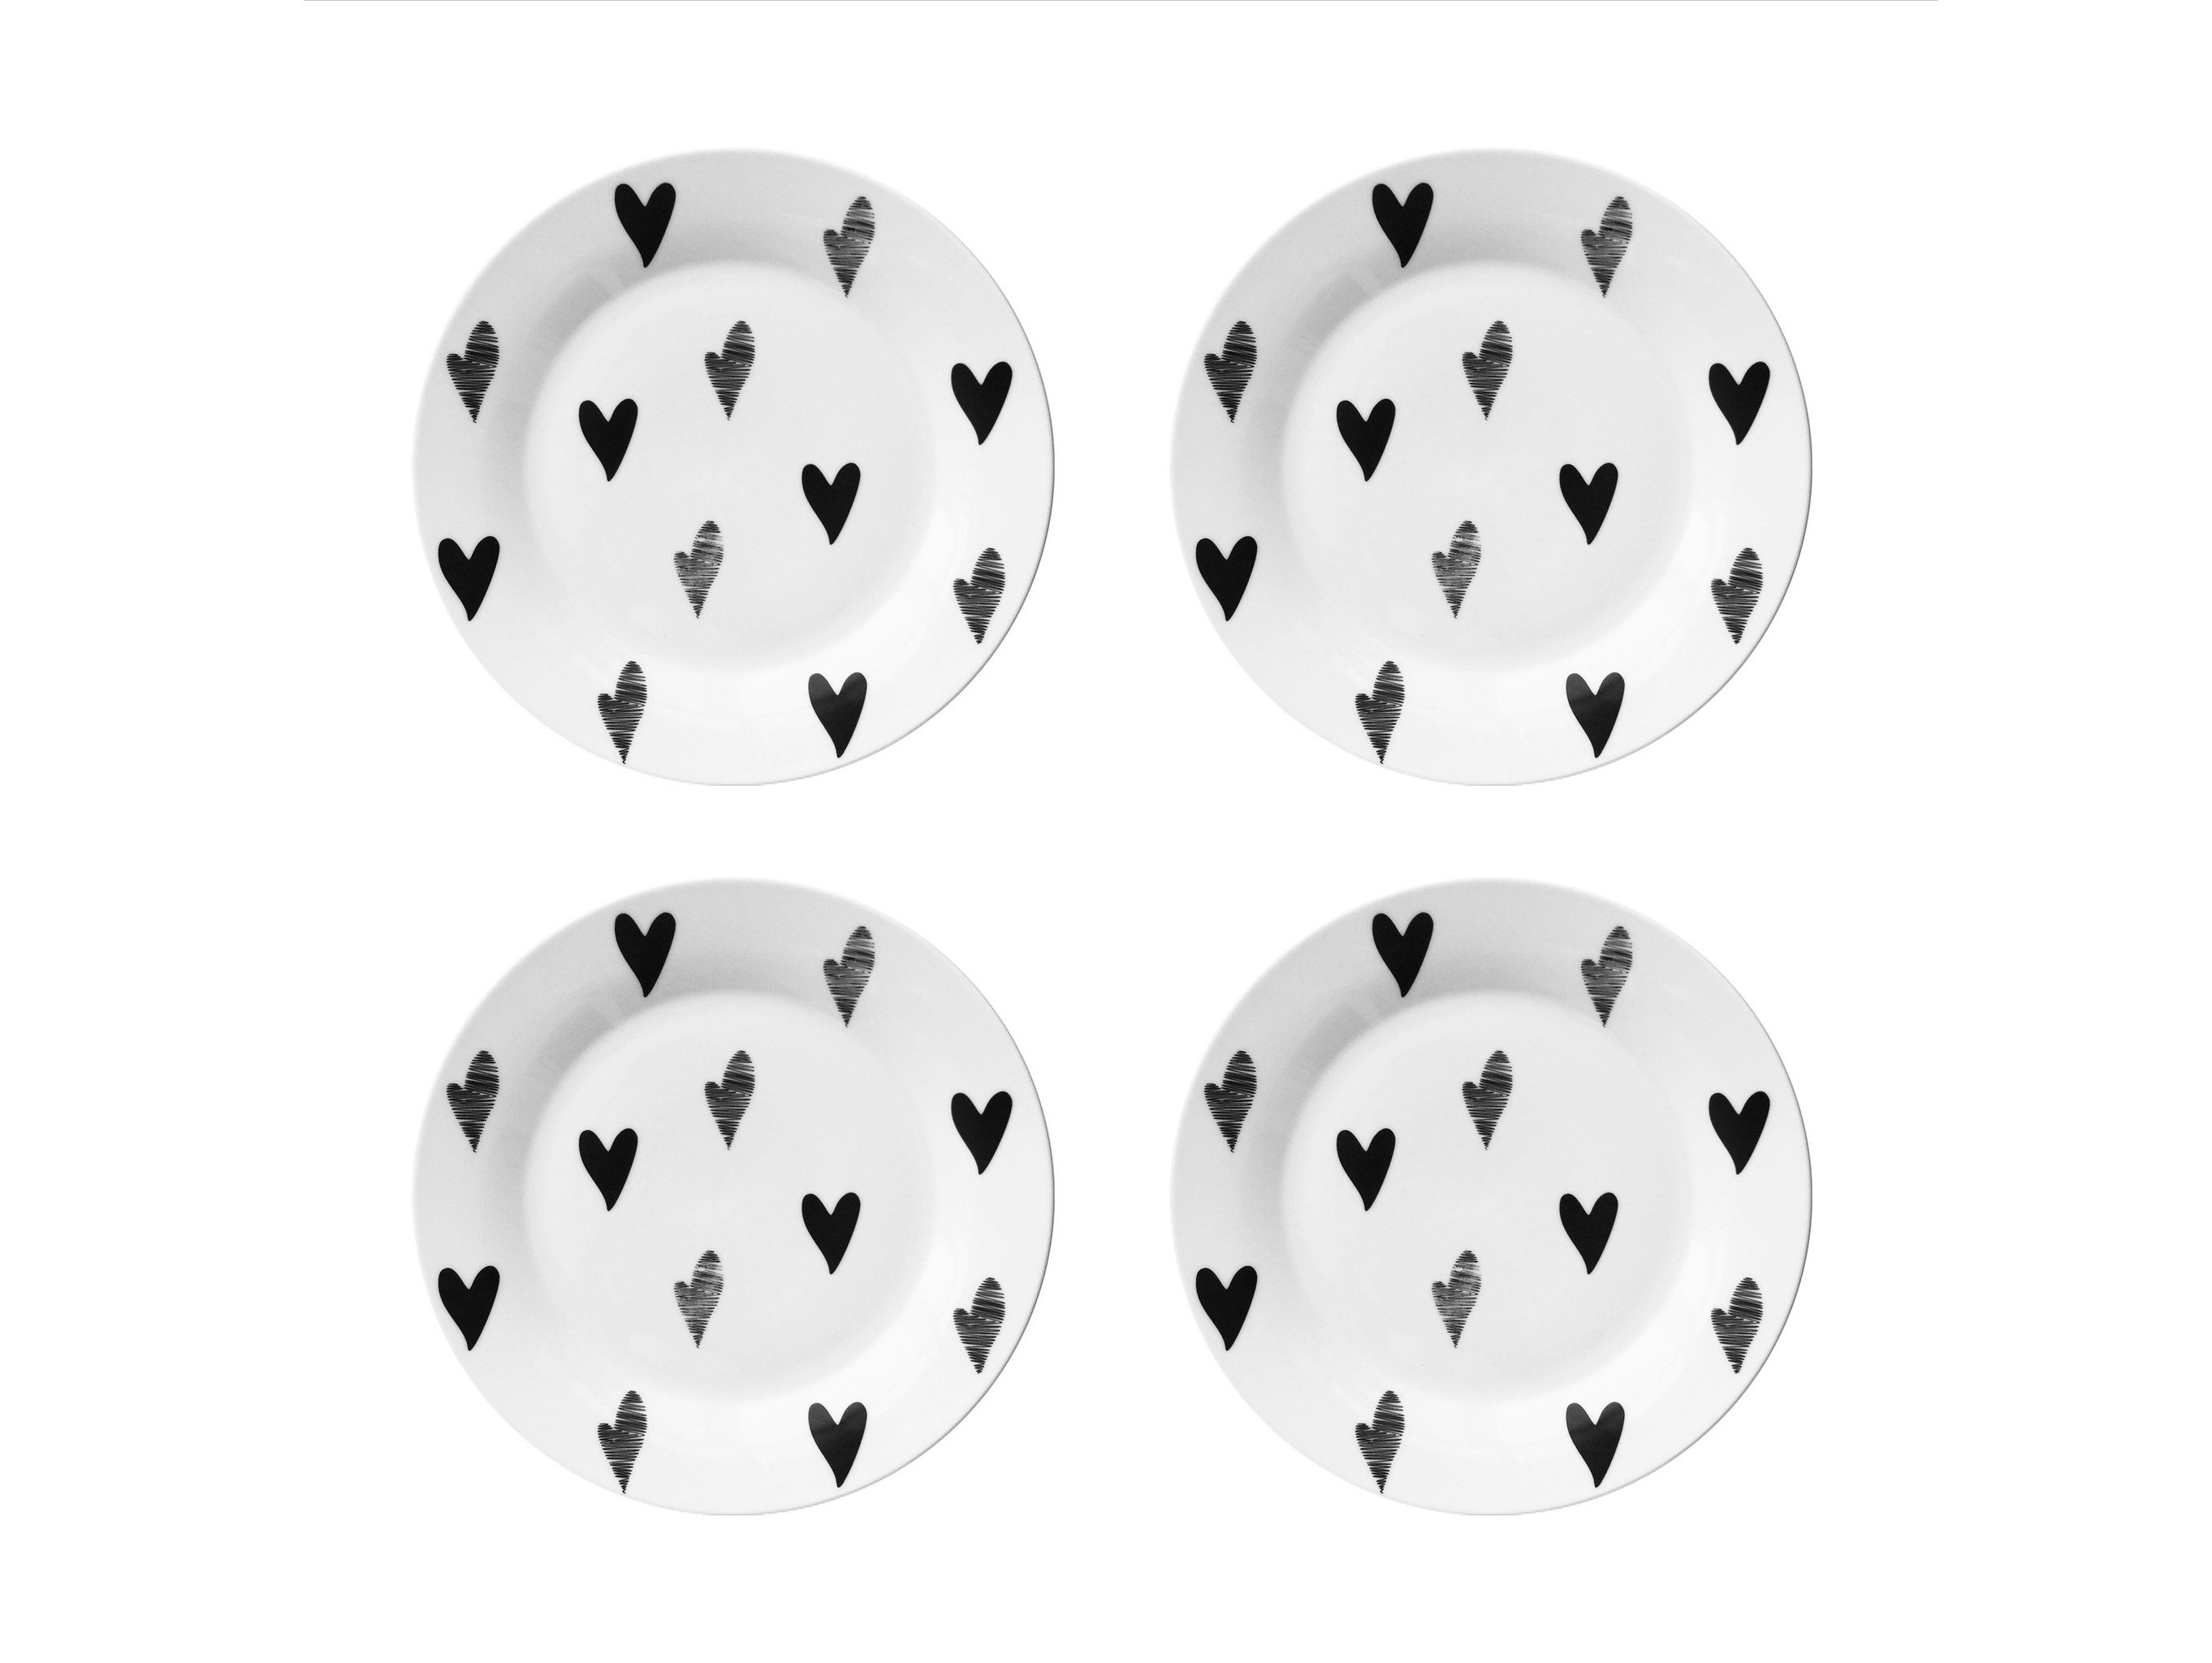 Набор тарелок Маленькое сердце Vol.2 (4 шт)Тарелки<br>Посуду можно использовать в микроволновой печи и посудомоечной машине.&amp;amp;nbsp;&amp;lt;div&amp;gt;В комплект входят: Тарелка 20 см - 4 шт.&amp;lt;/div&amp;gt;<br><br>Material: Фарфор<br>Diameter см: 20